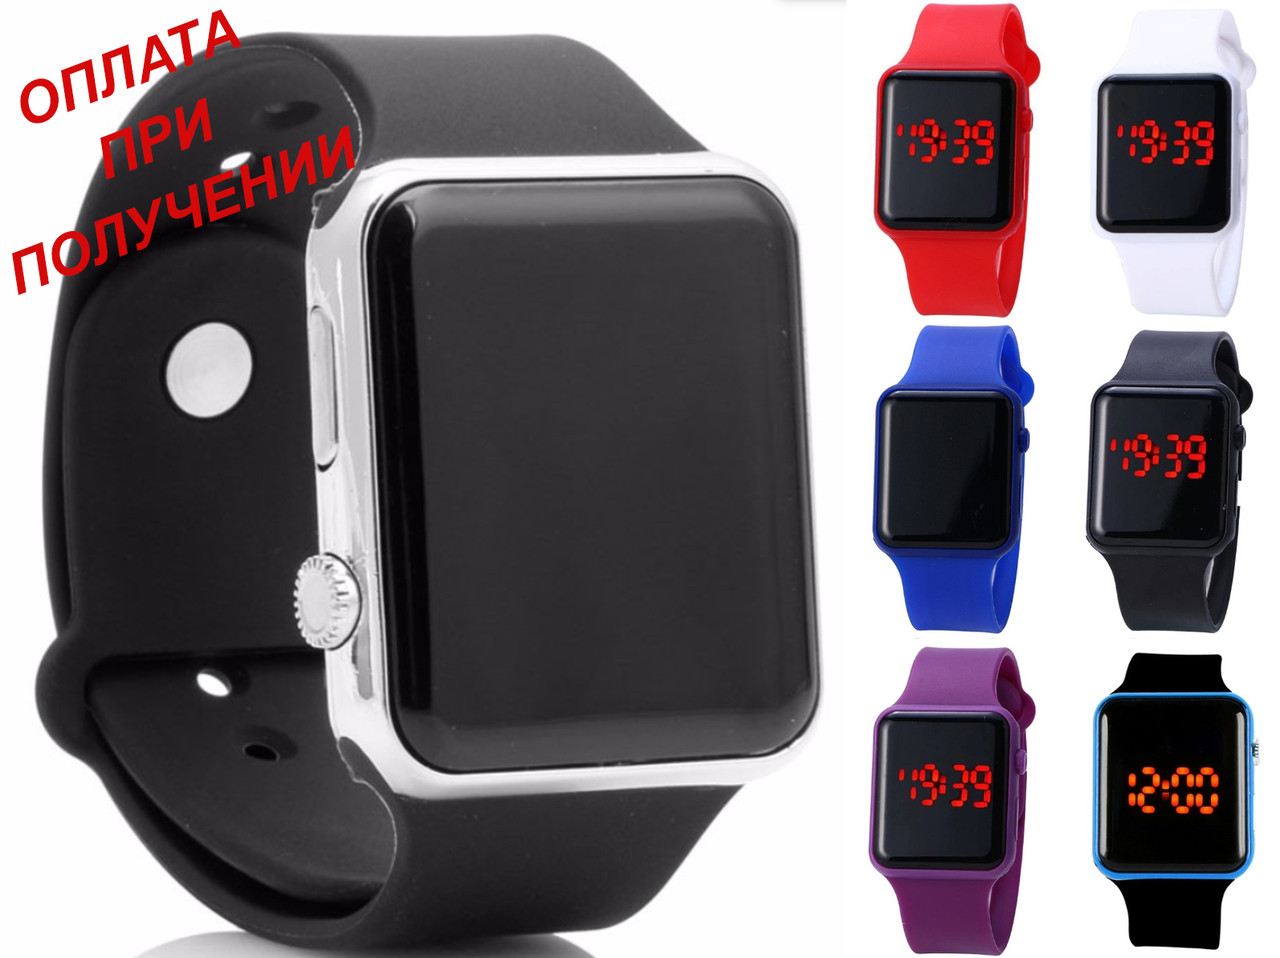 7c0f8e6b Часы мужские женские детские спортивные под умные смарт Smart фитнесс  трекер -